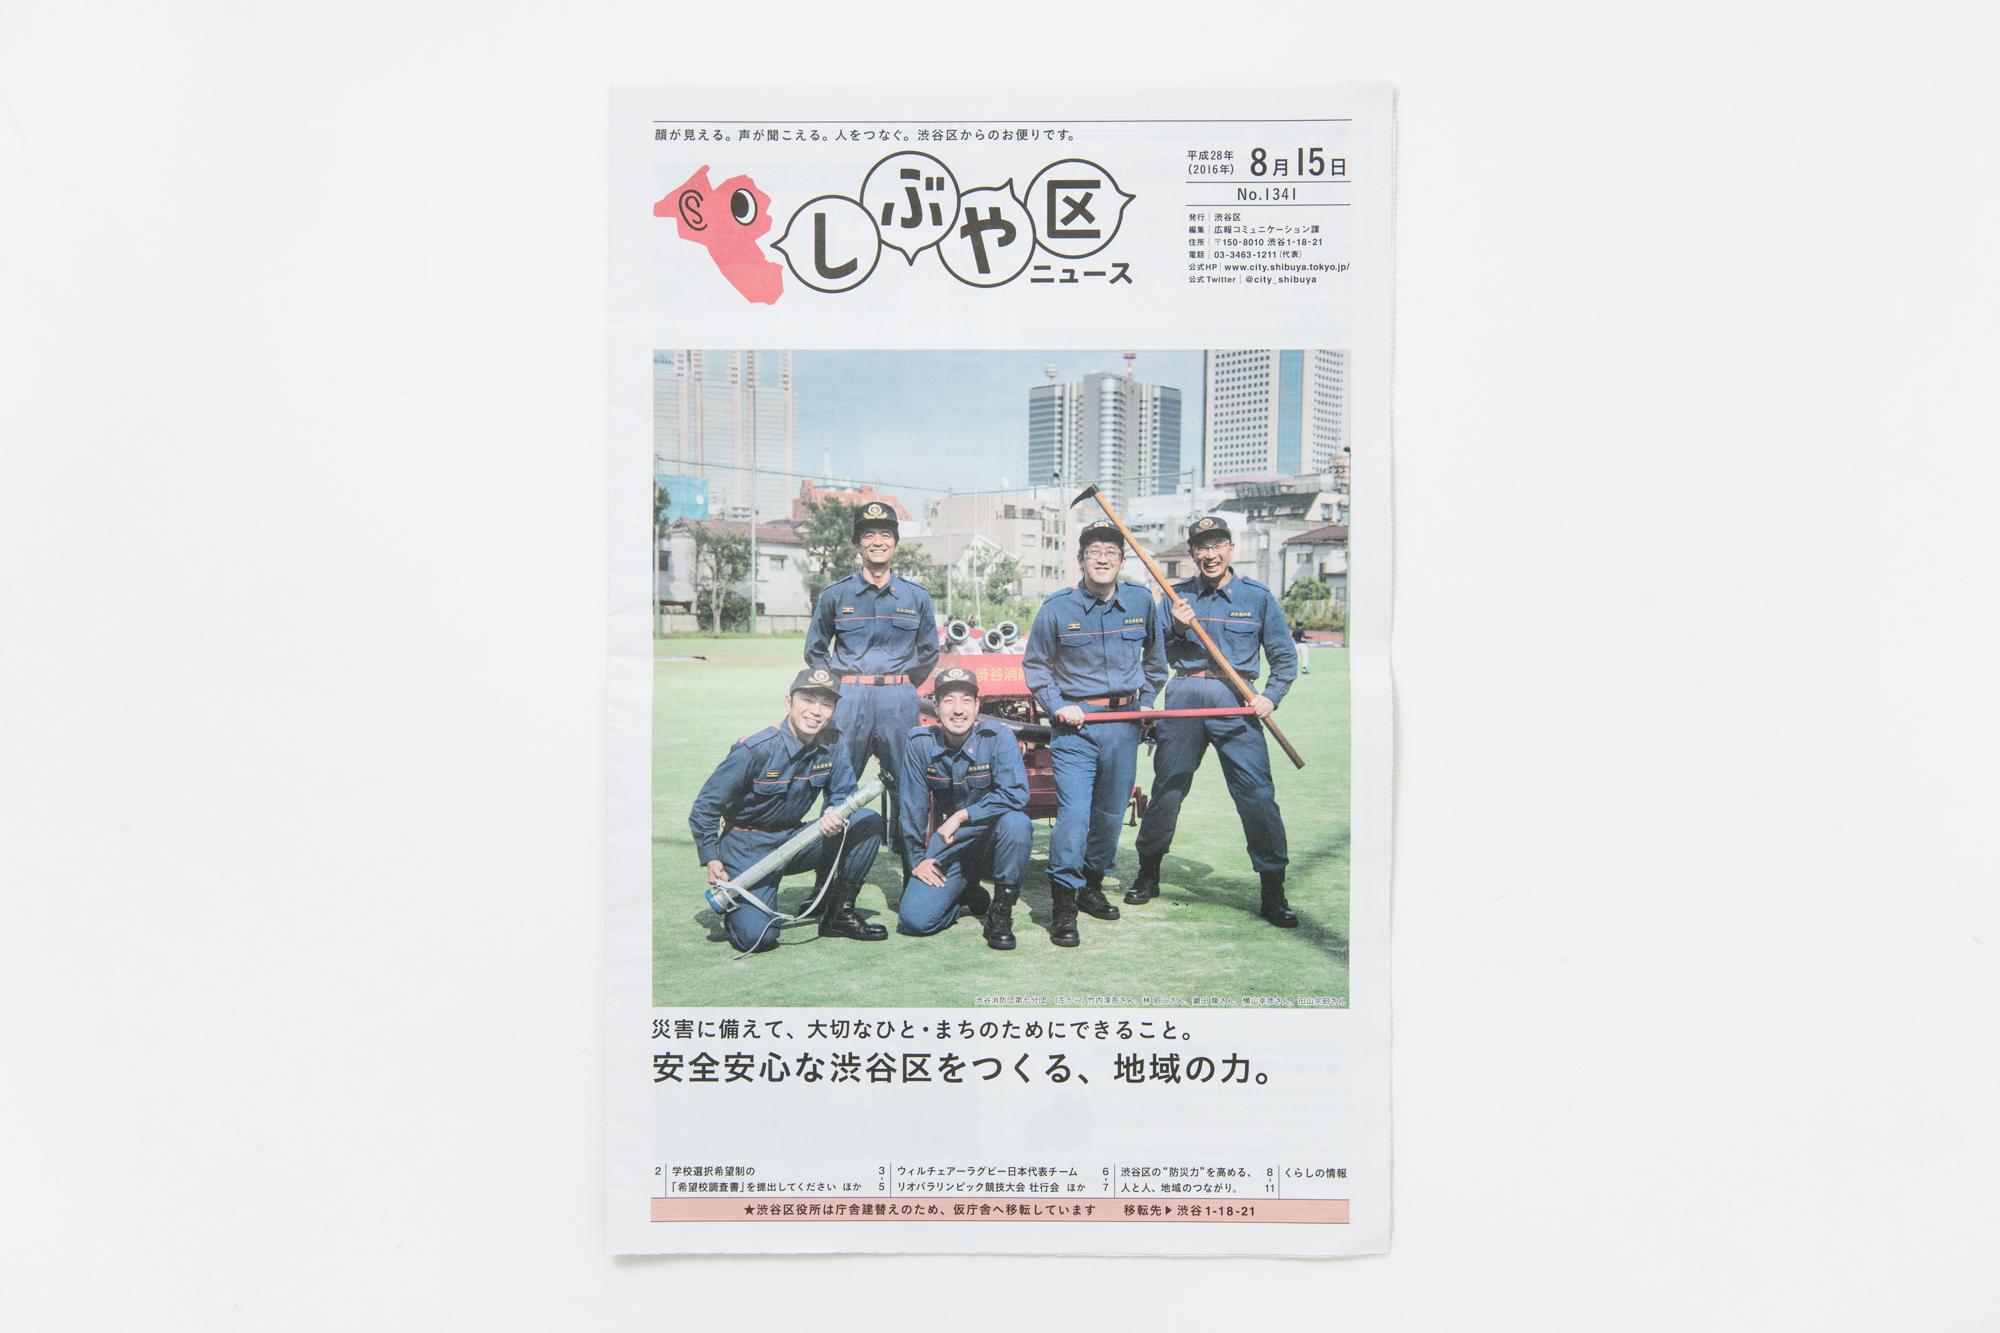 しぶや区ニュース 8月15日号 2016 photo:TADA